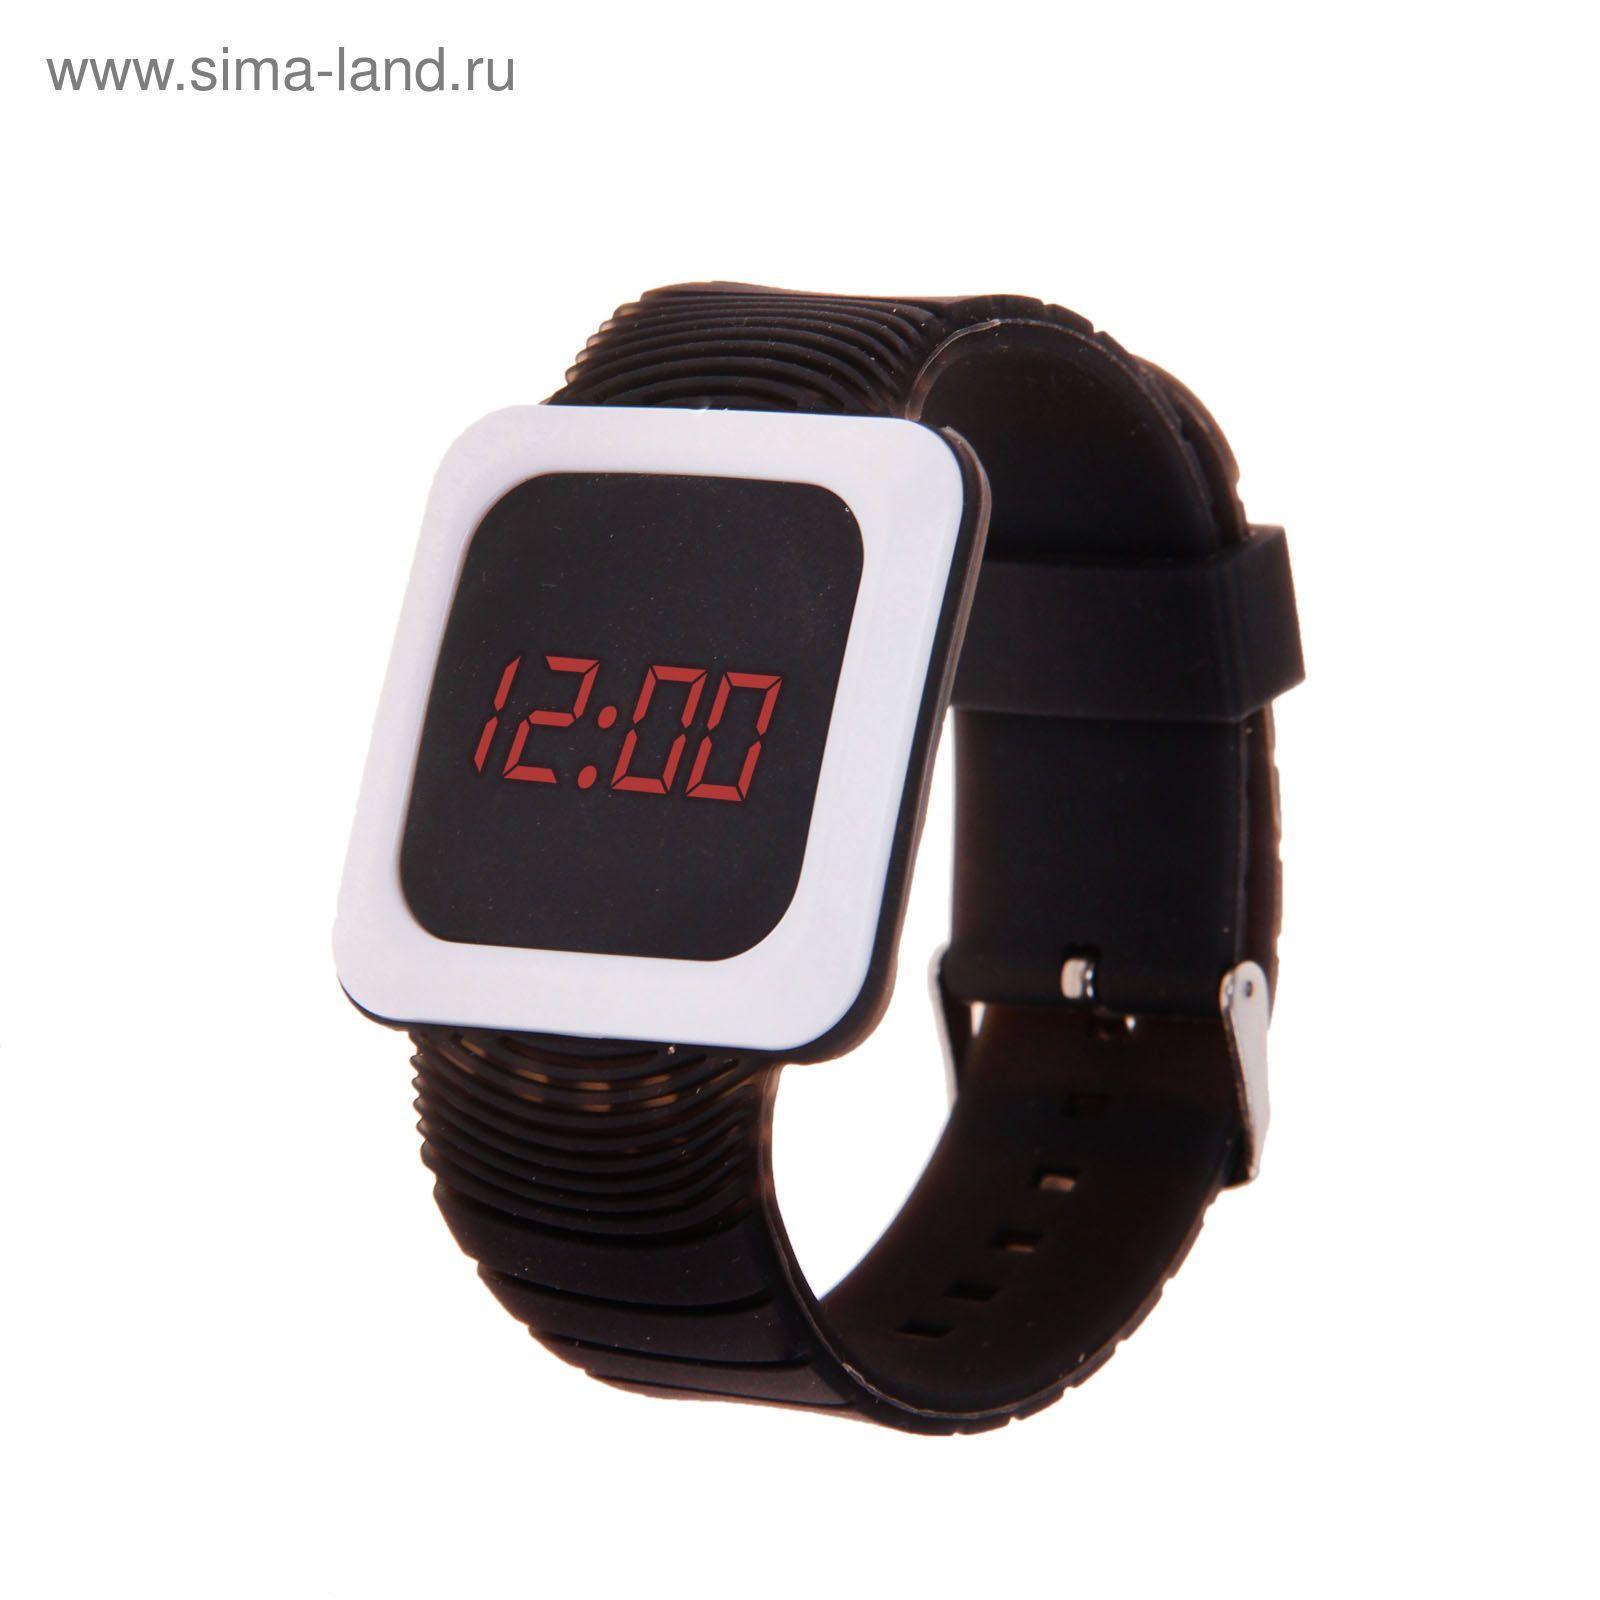 ba7737c8 Часы наручные женские электронные, квадратный циферблат, цвет черный ...